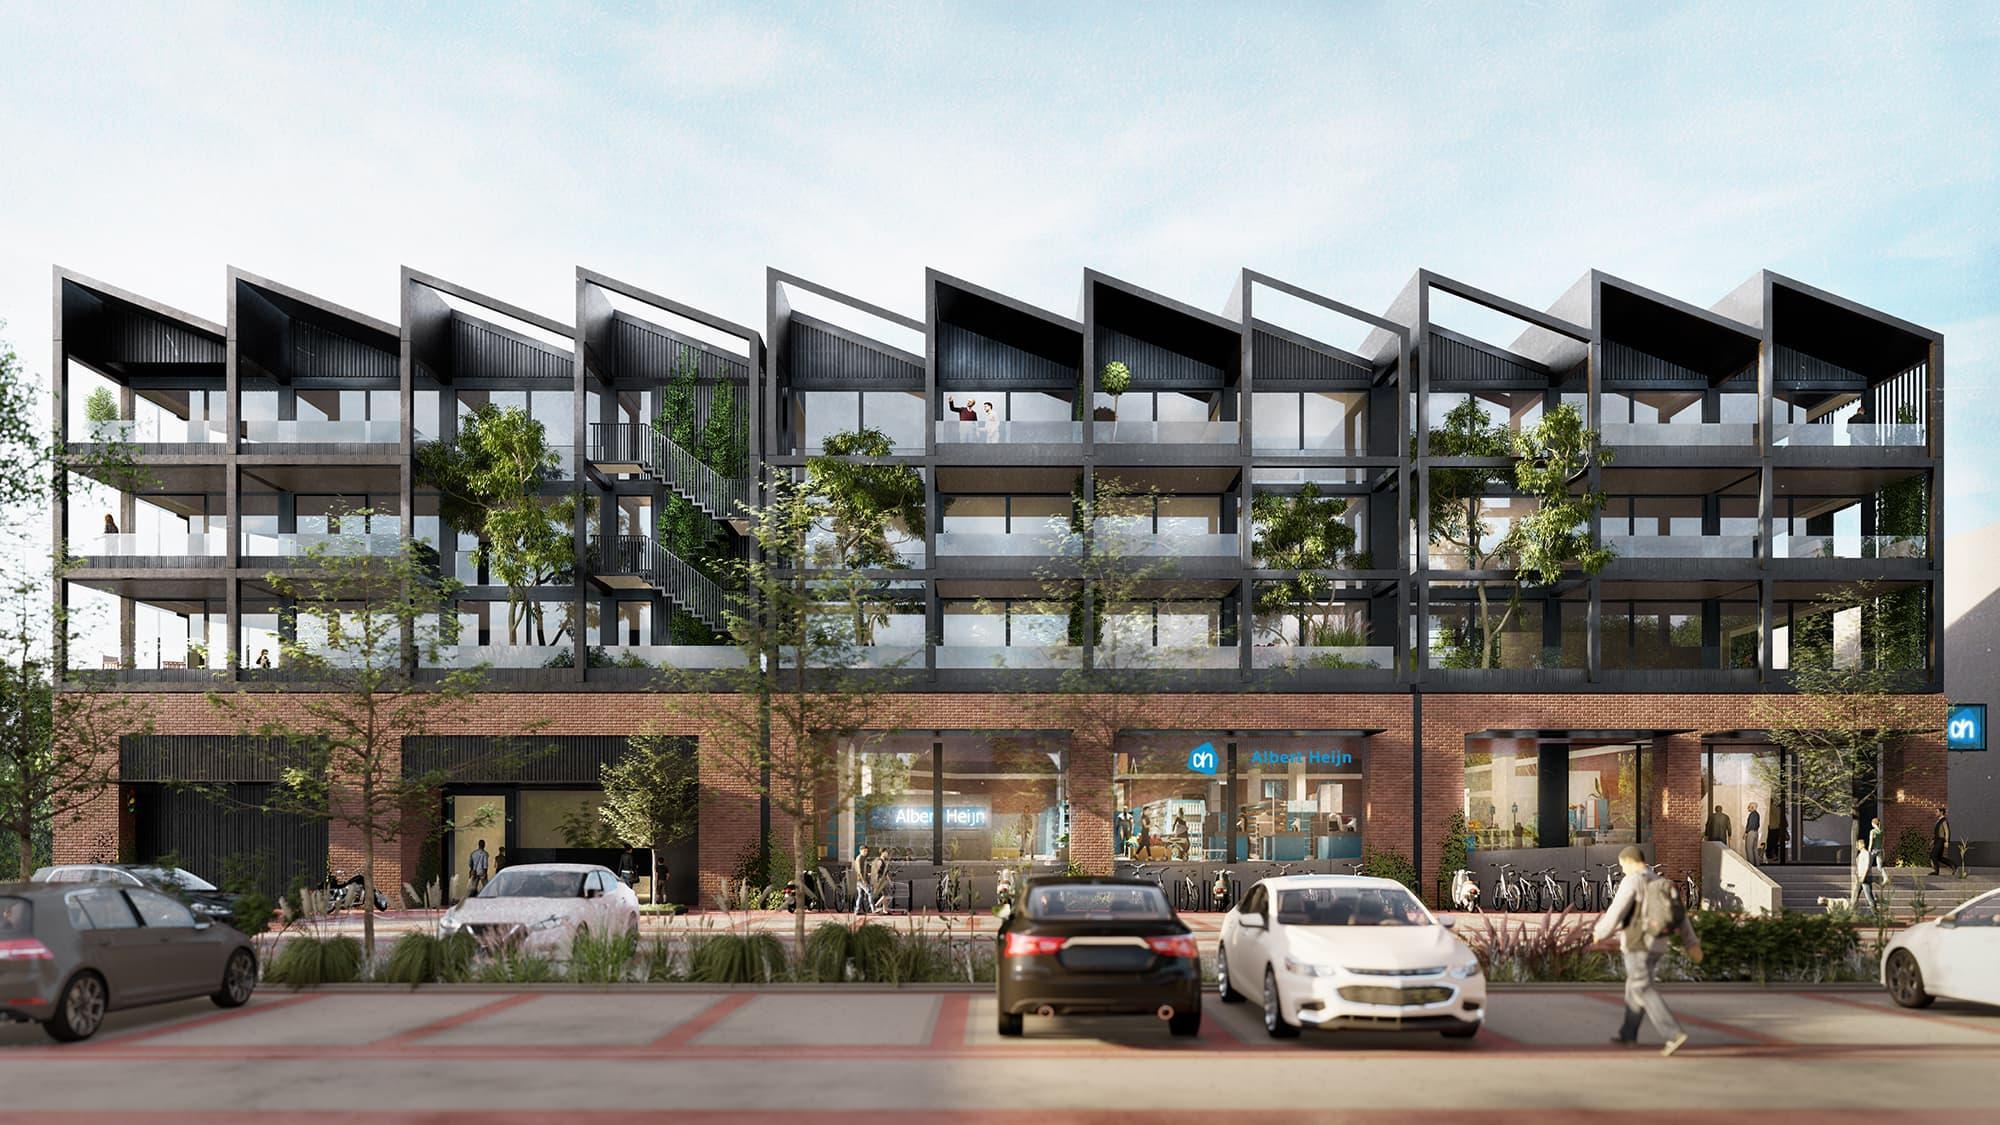 Supermarkt De Krijgsman wordt zoveel mogelijk transparant en krijgt 35 appartementen boven zich; Zecc Architecten heeft beste ontwerp gemaakt